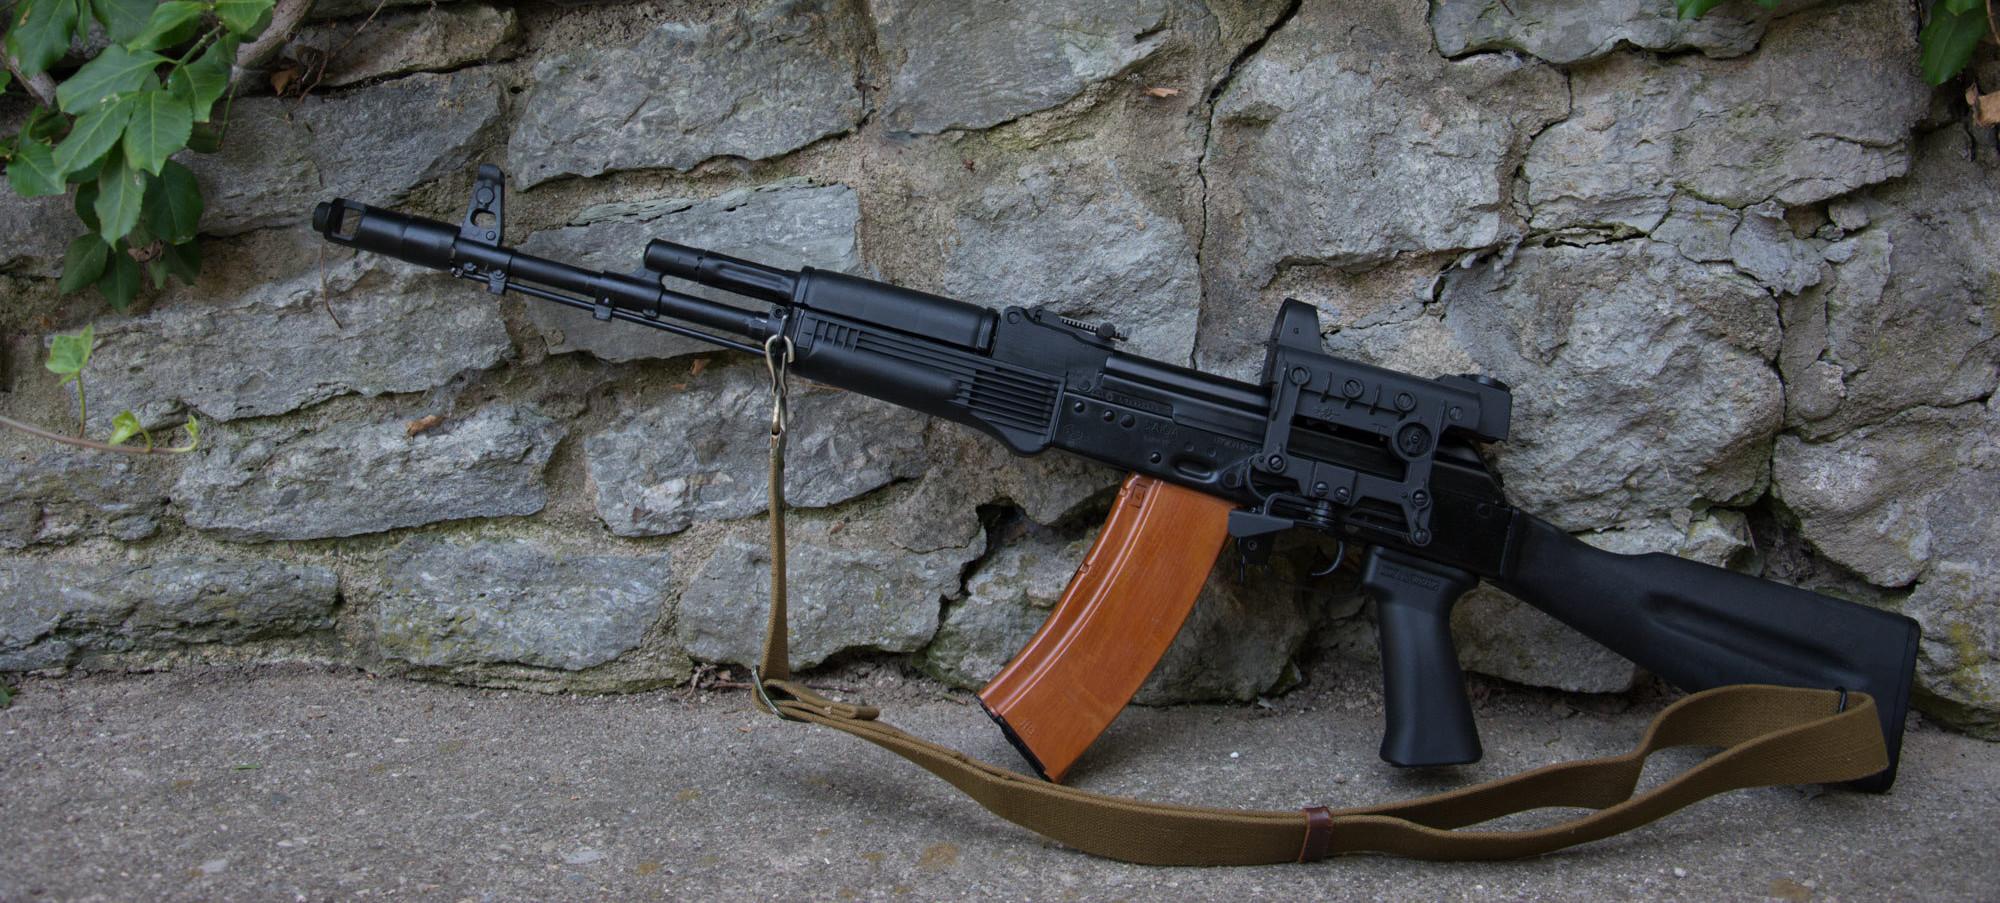 ружье фото современное сайга-12с